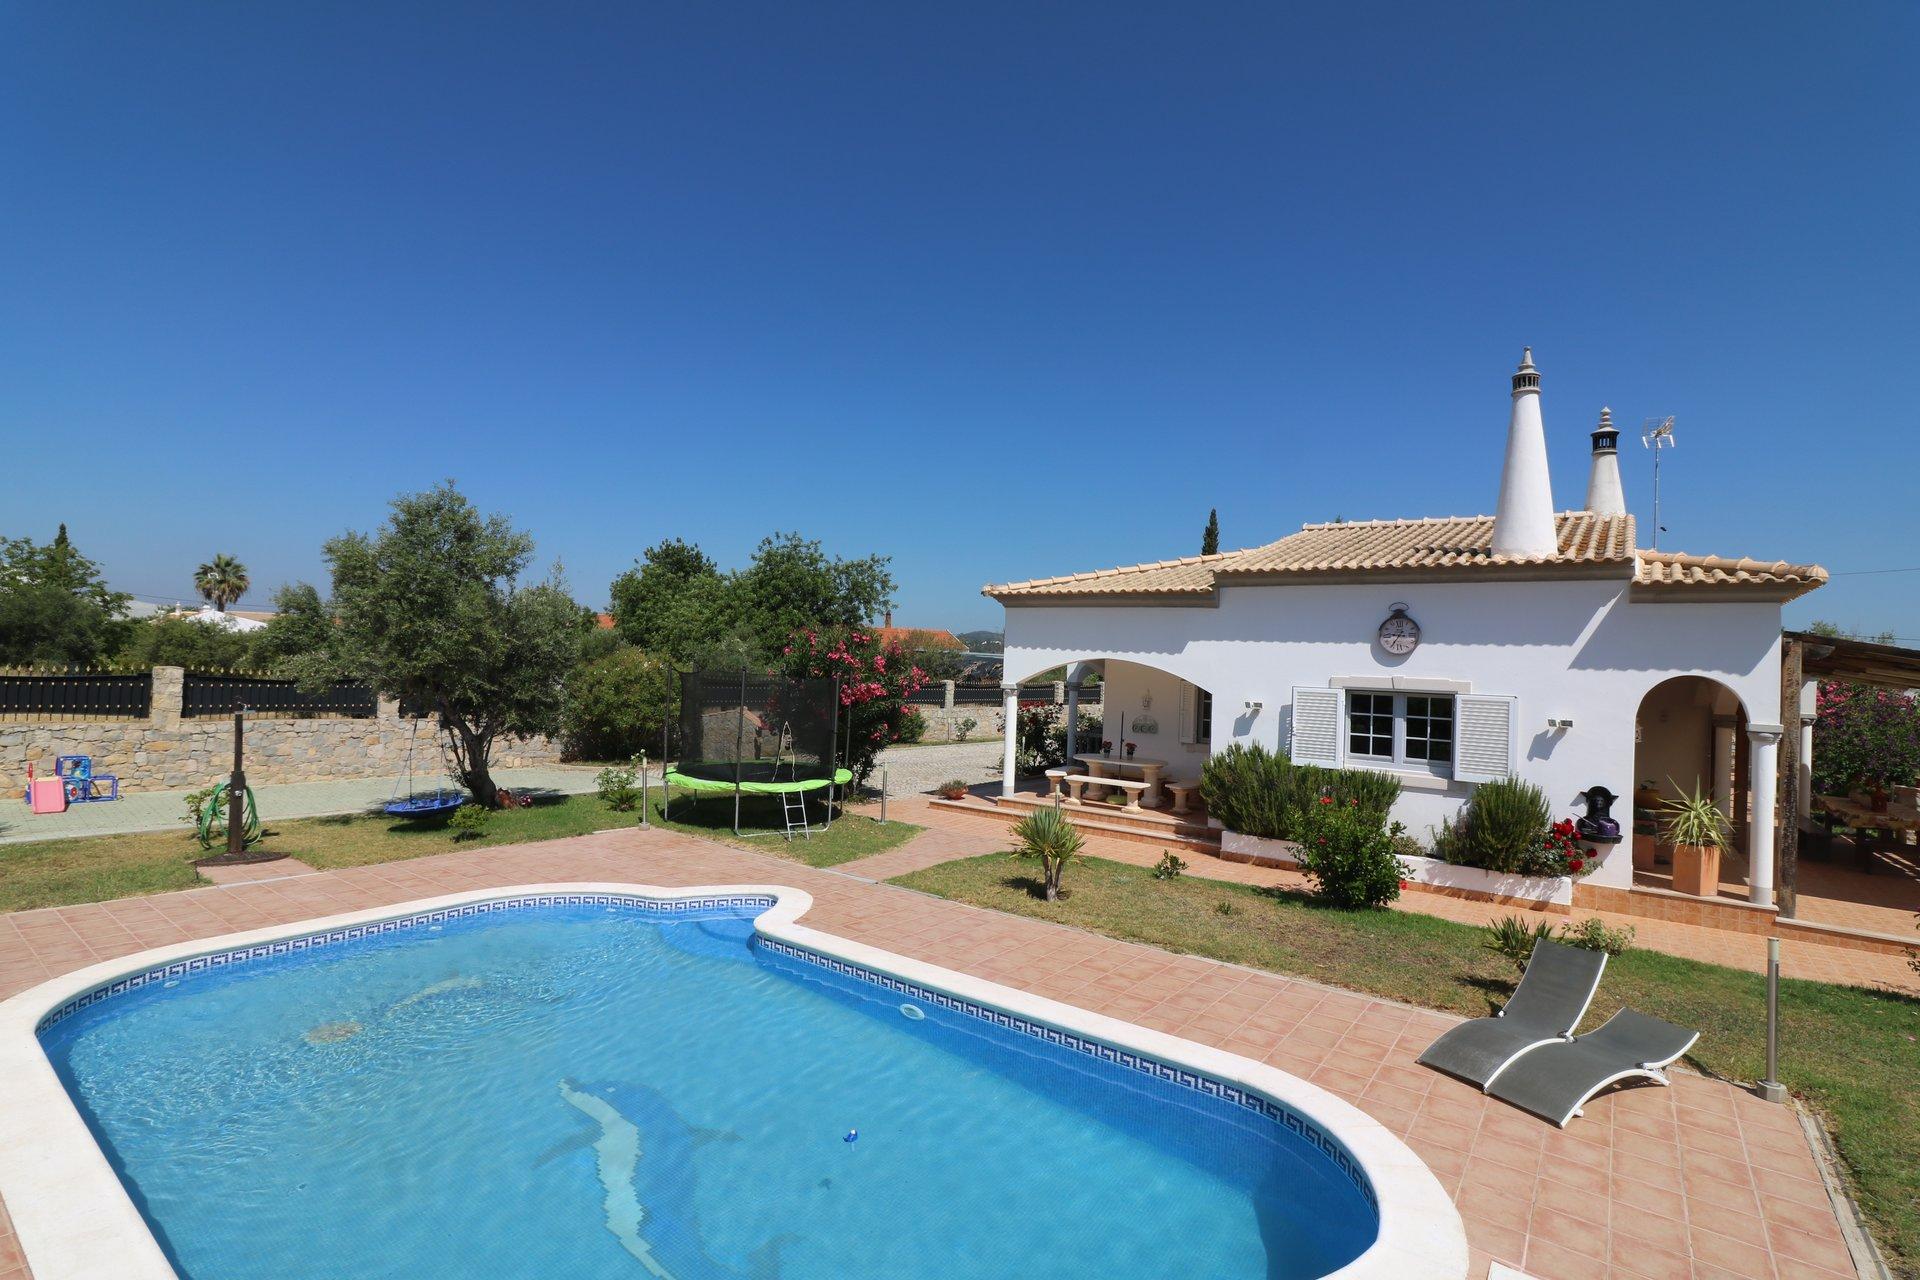 3 Bedroom Villa Sao Bras de Alportel, Central Algarve Ref: JV10369